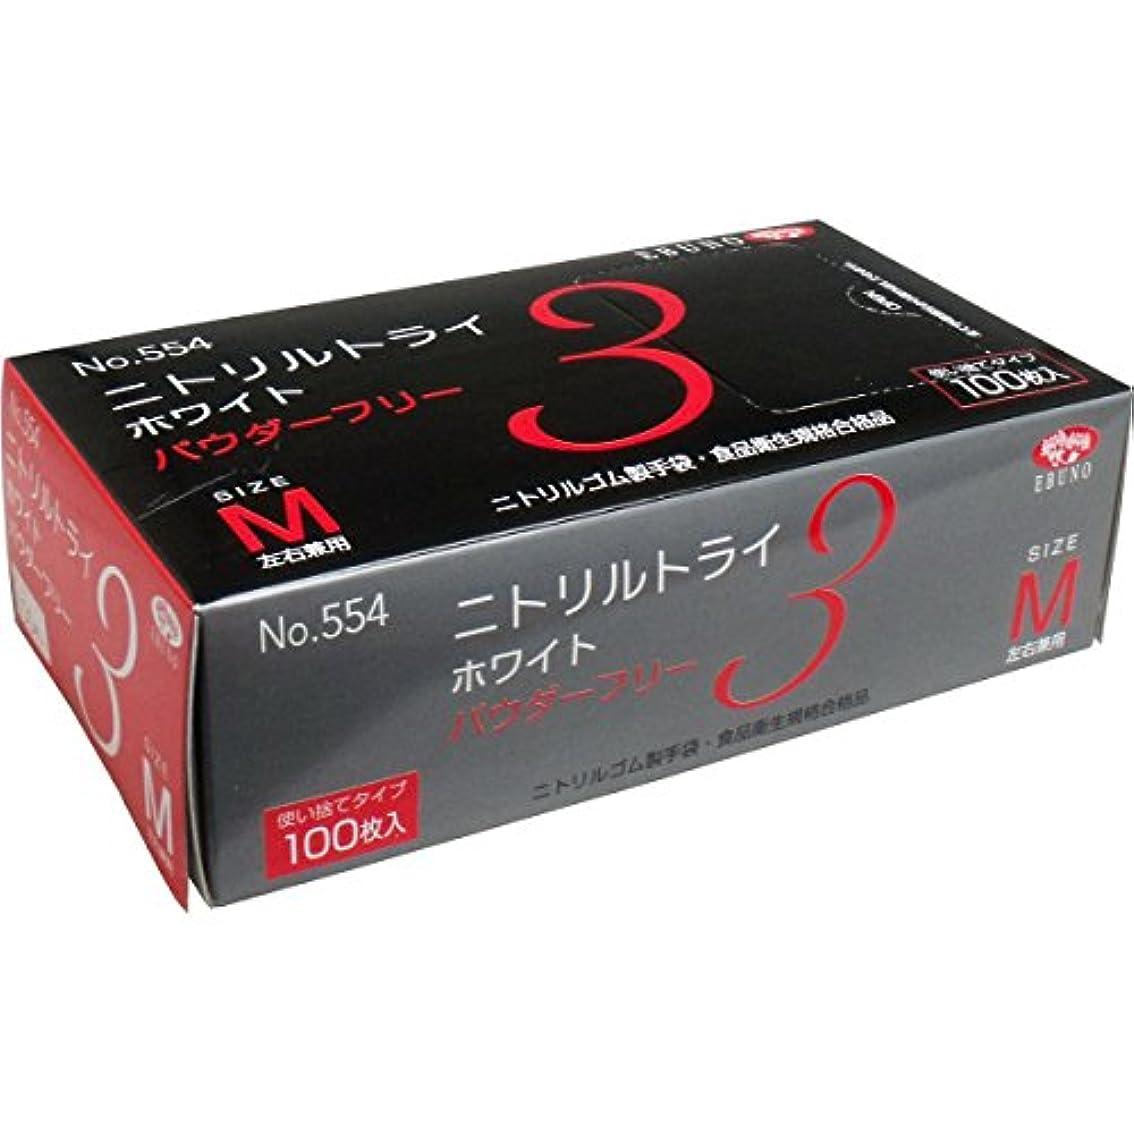 チューインガム浸す無視できるニトリルトライ3 手袋 ホワイト パウダーフリー Mサイズ 100枚入(単品)